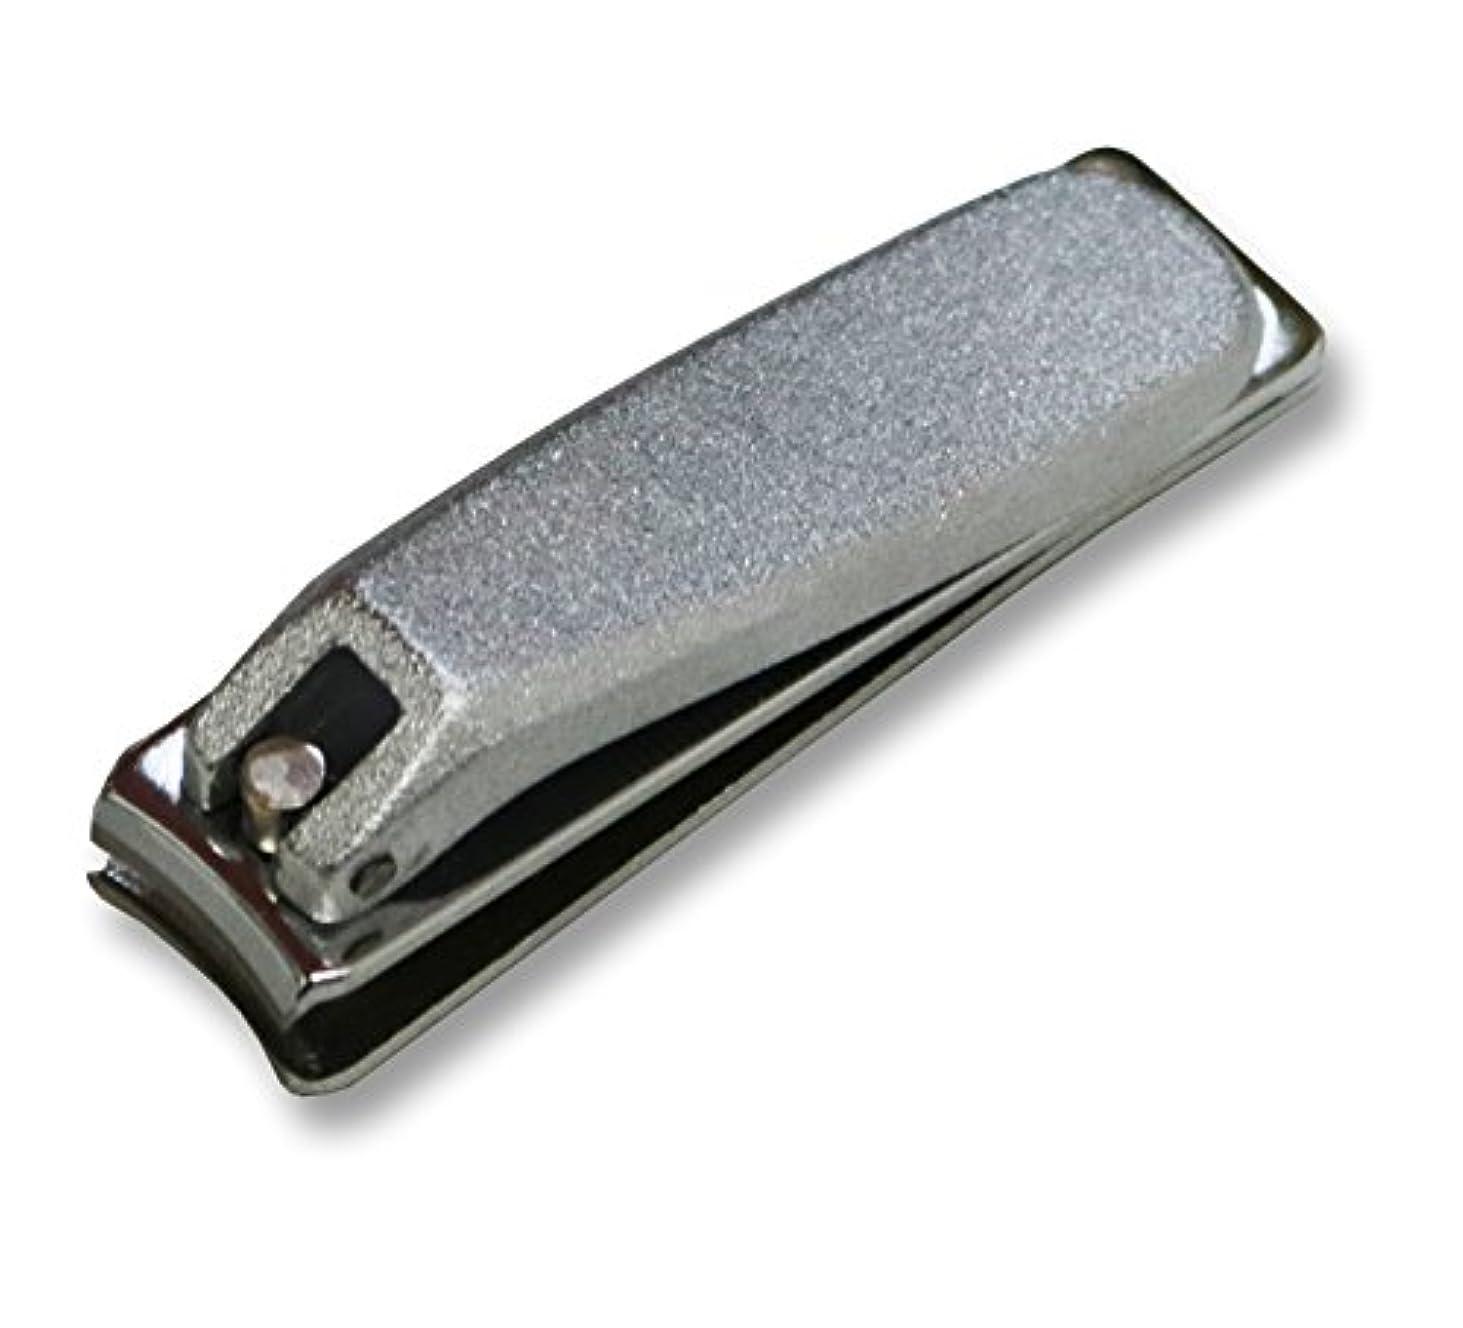 代理人市民権イデオロギーKD-023 関の刃物 クローム爪切 小 カバー無